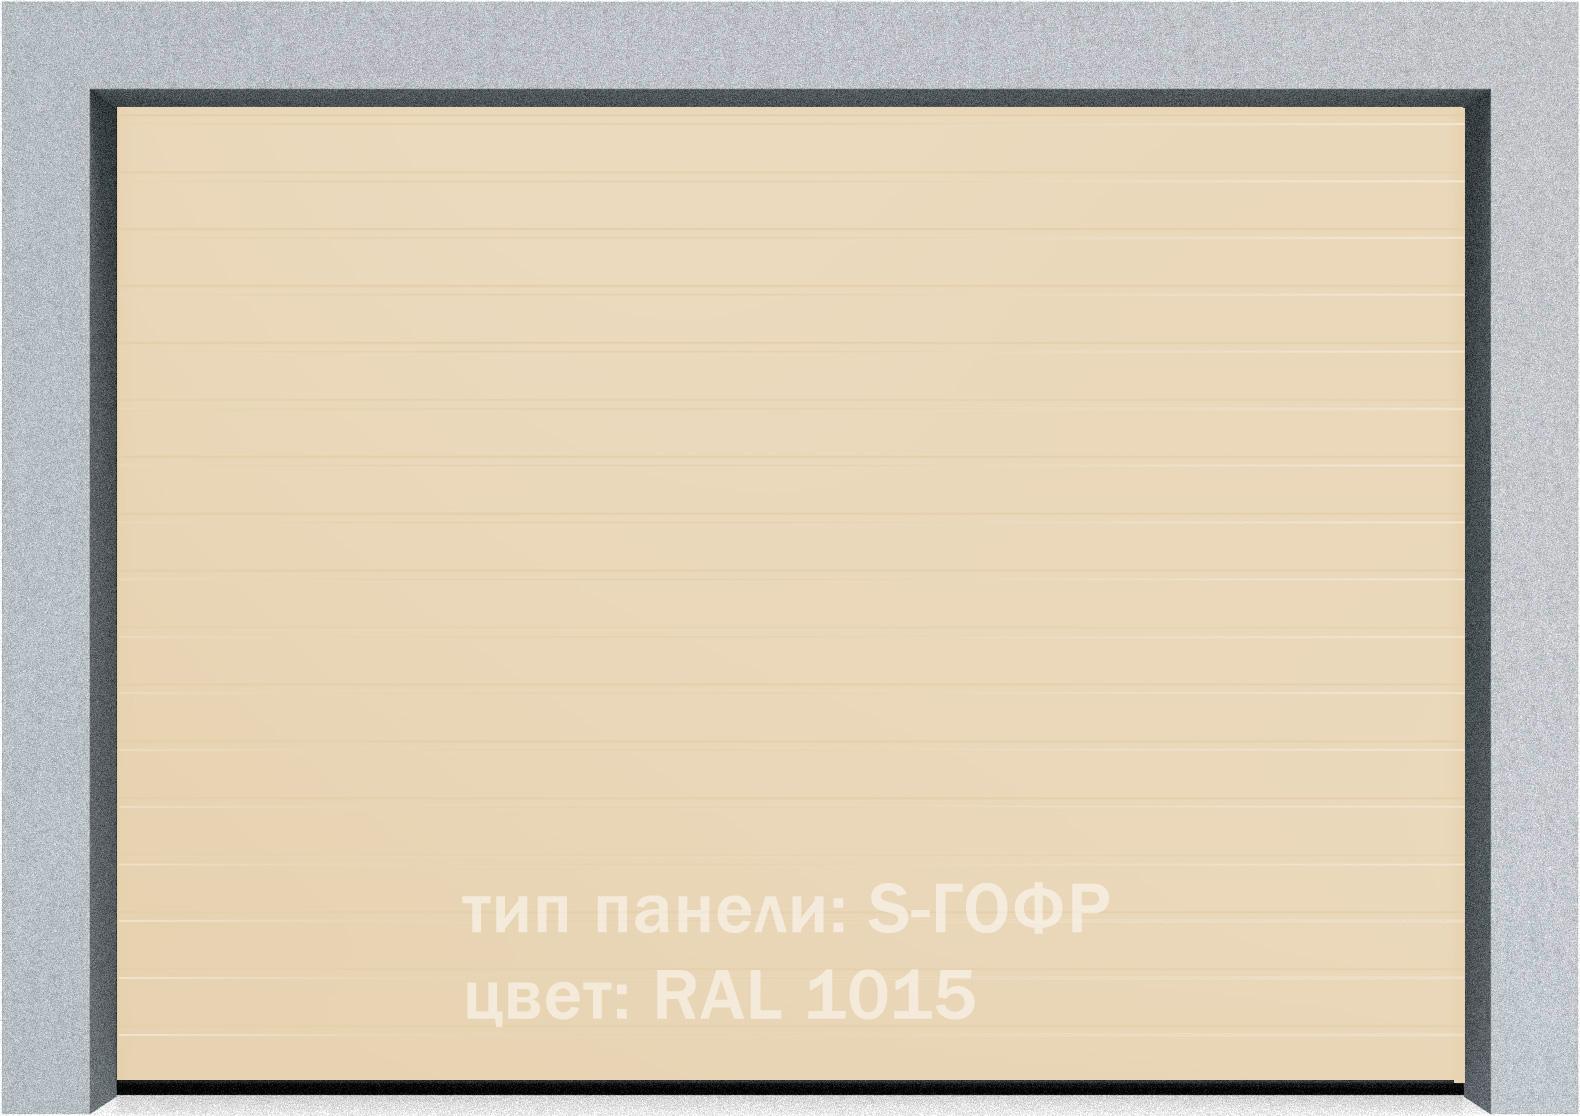 Секционные промышленные ворота Alutech ProTrend 2375х2375 S-гофр, Микроволна стандартные цвета, фото 4